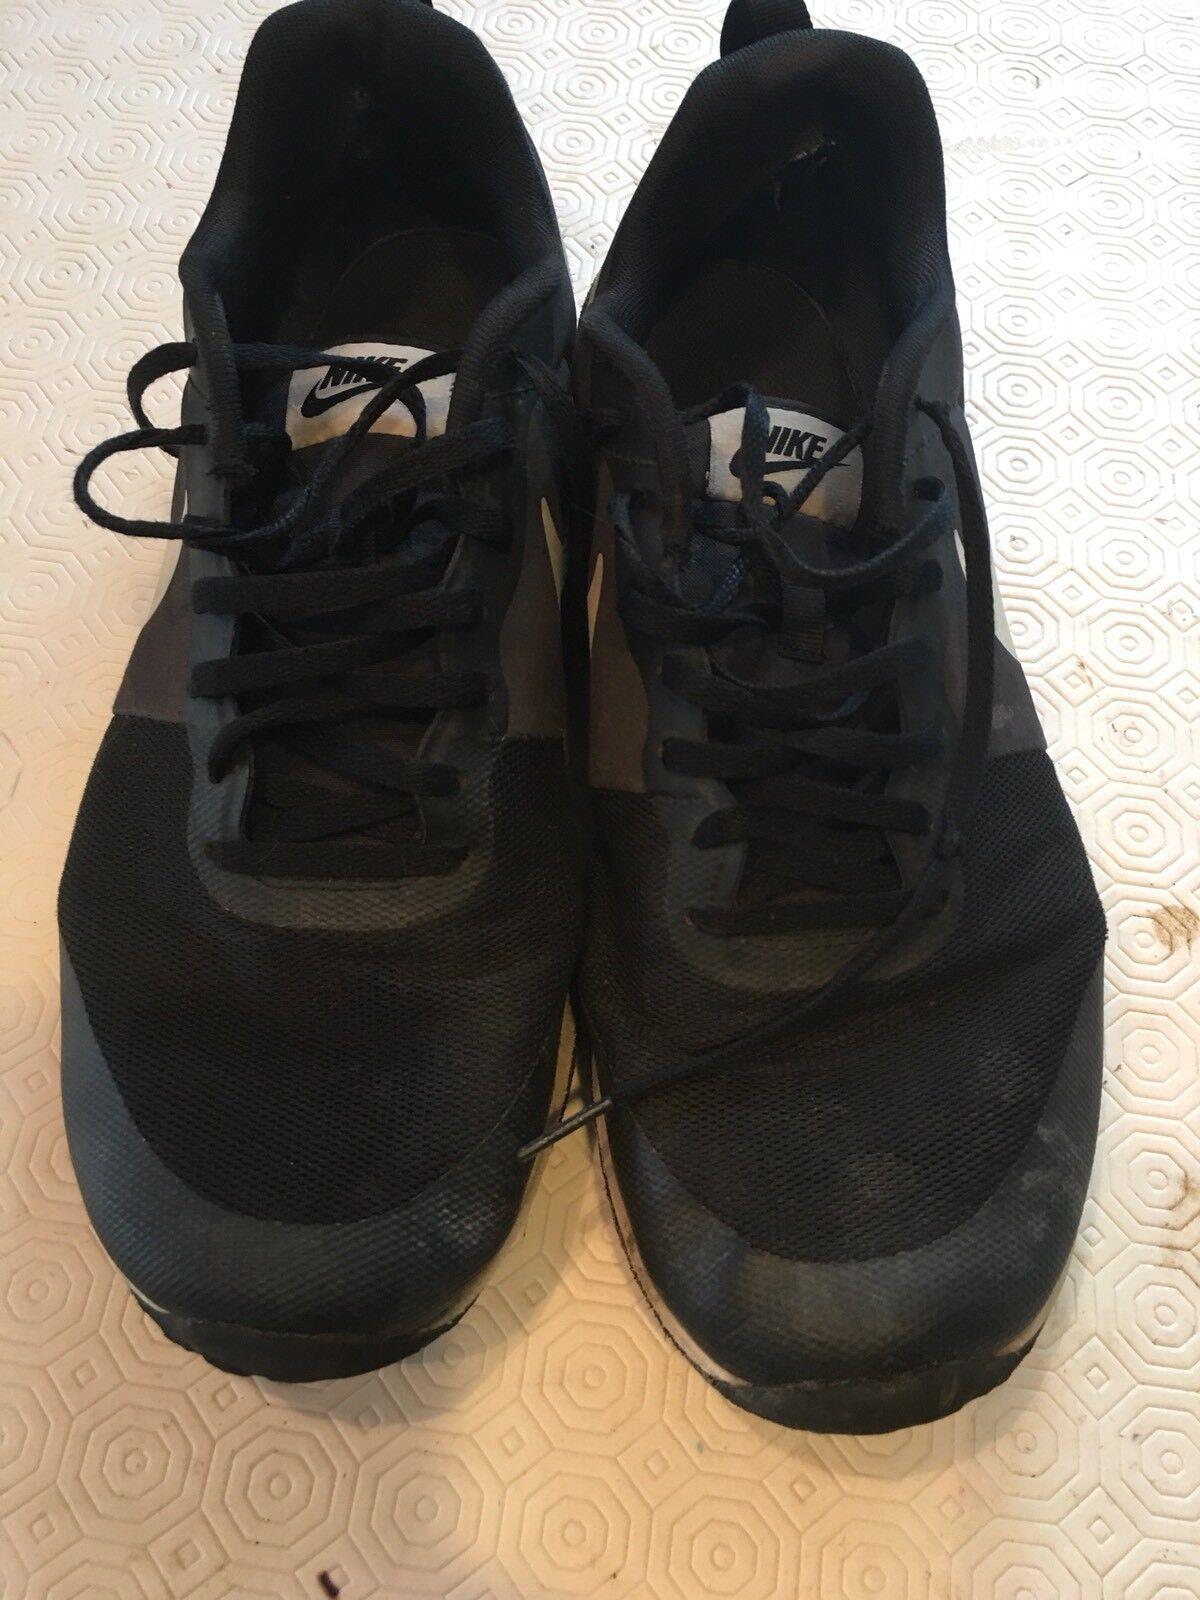 Mens Nike UK Size Black 10 Black Size Trainers 6e77fe